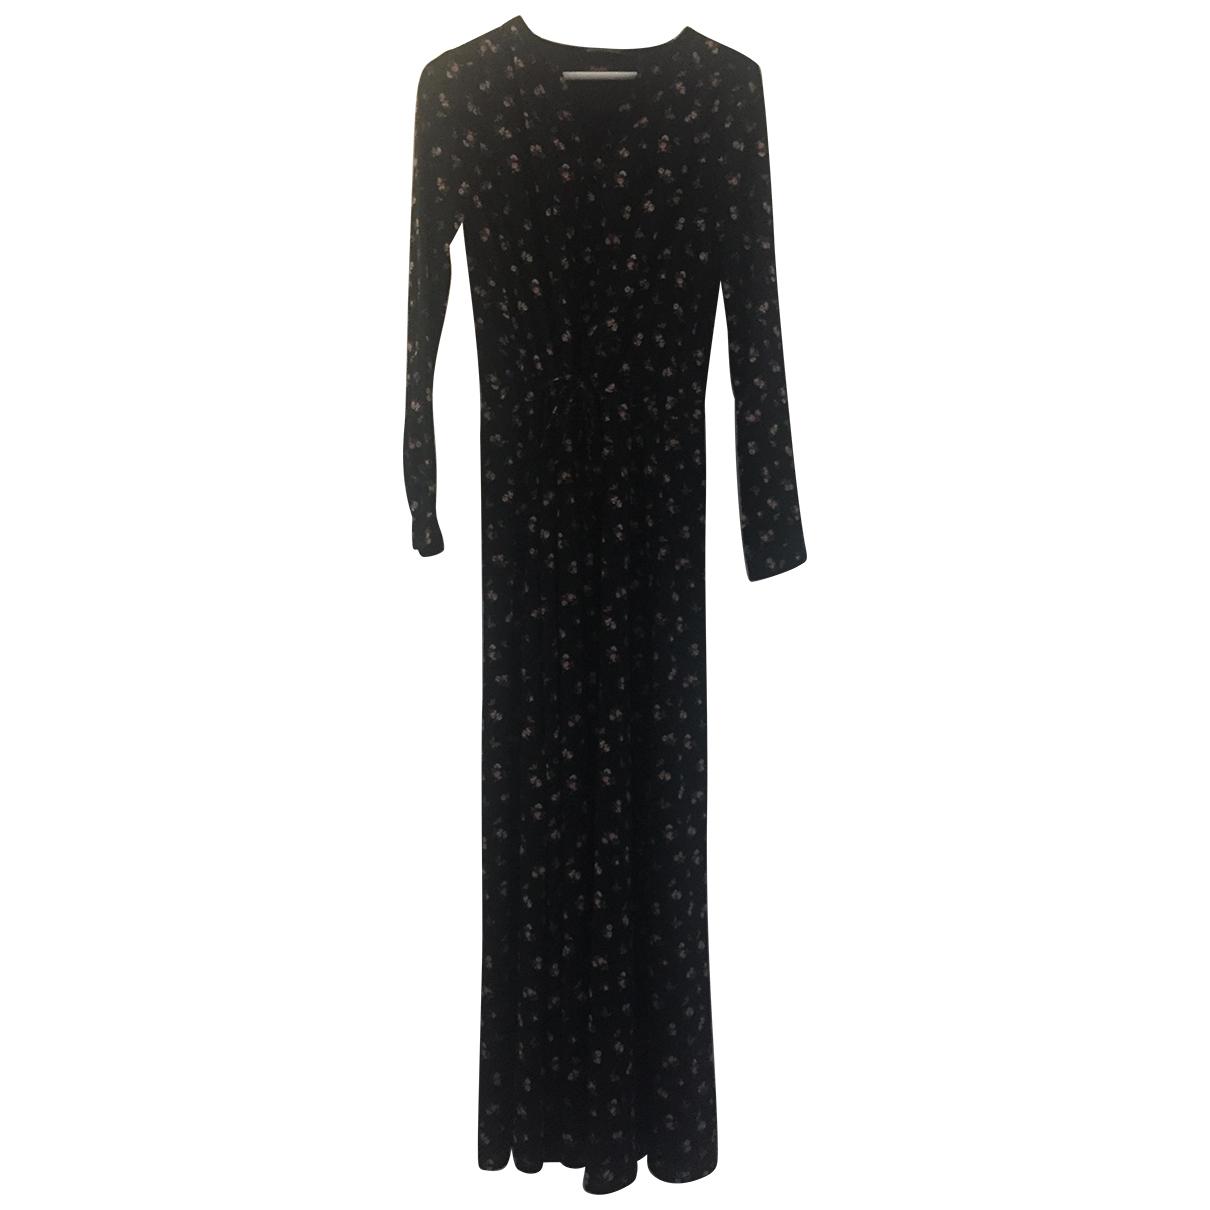 Maison Scotch \N Kleid in  Schwarz Polyester